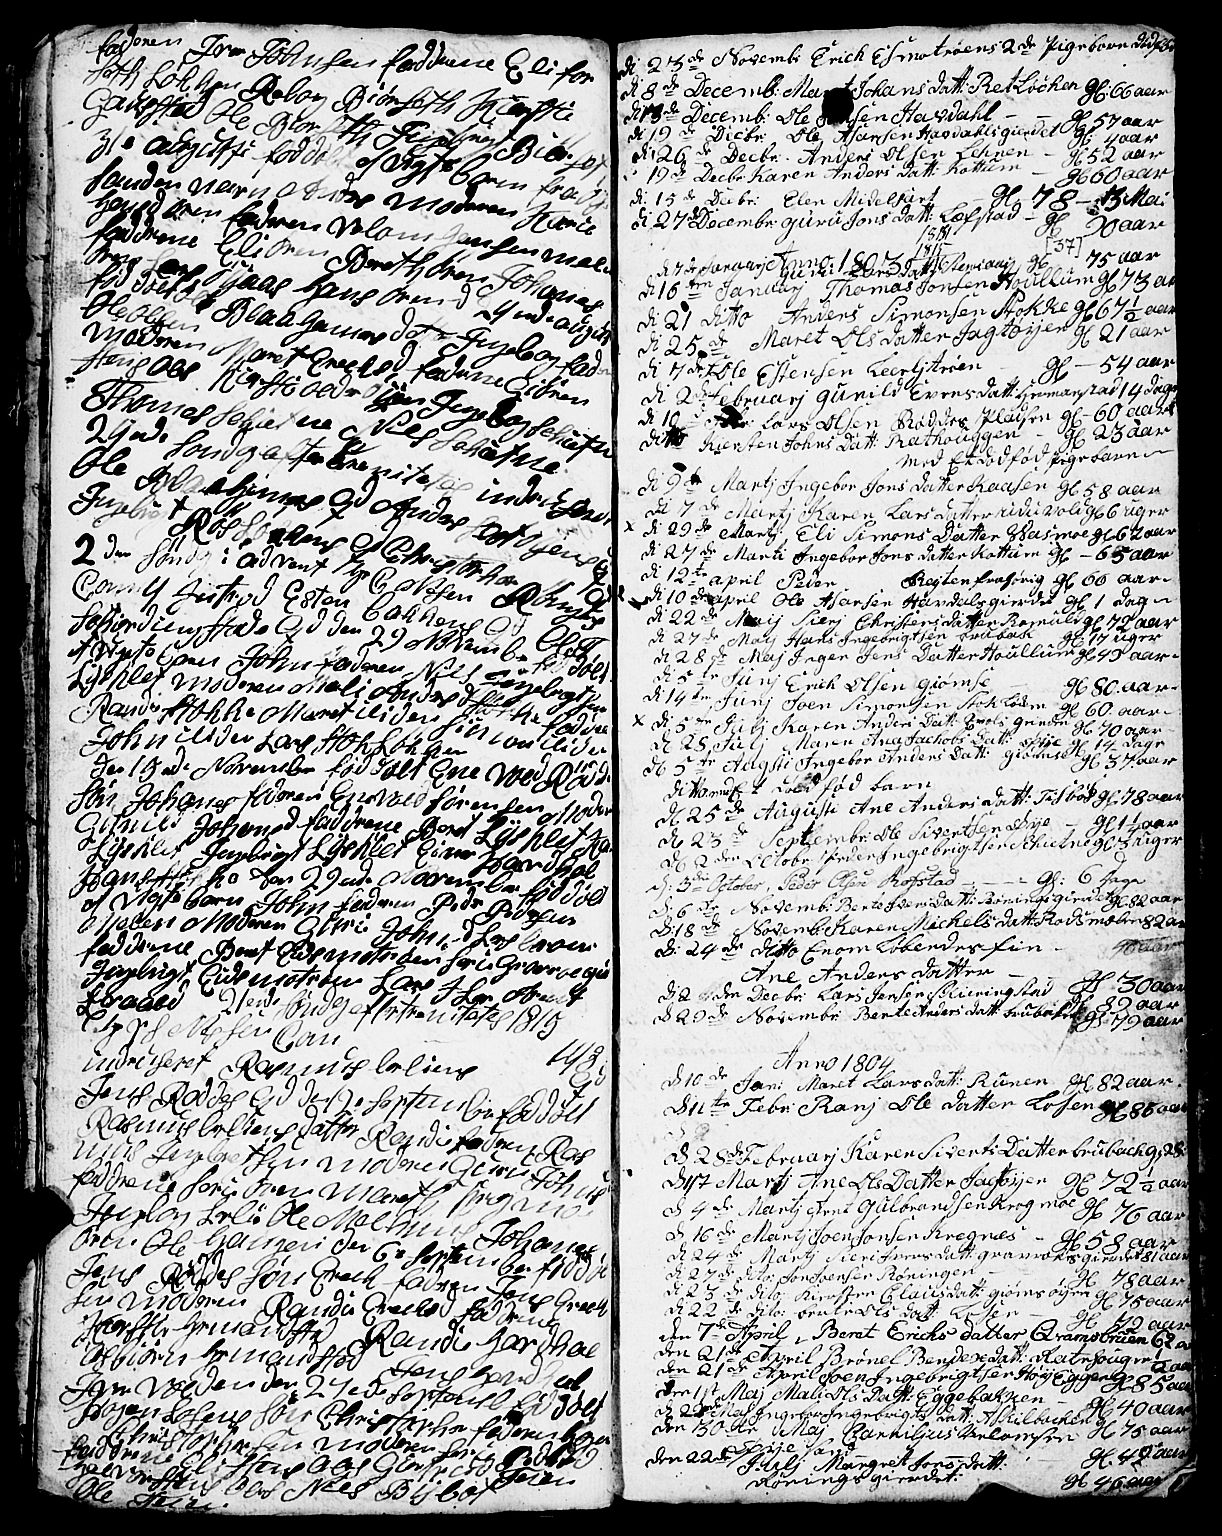 SAT, Ministerialprotokoller, klokkerbøker og fødselsregistre - Sør-Trøndelag, 691/L1091: Klokkerbok nr. 691C02, 1802-1815, s. 37